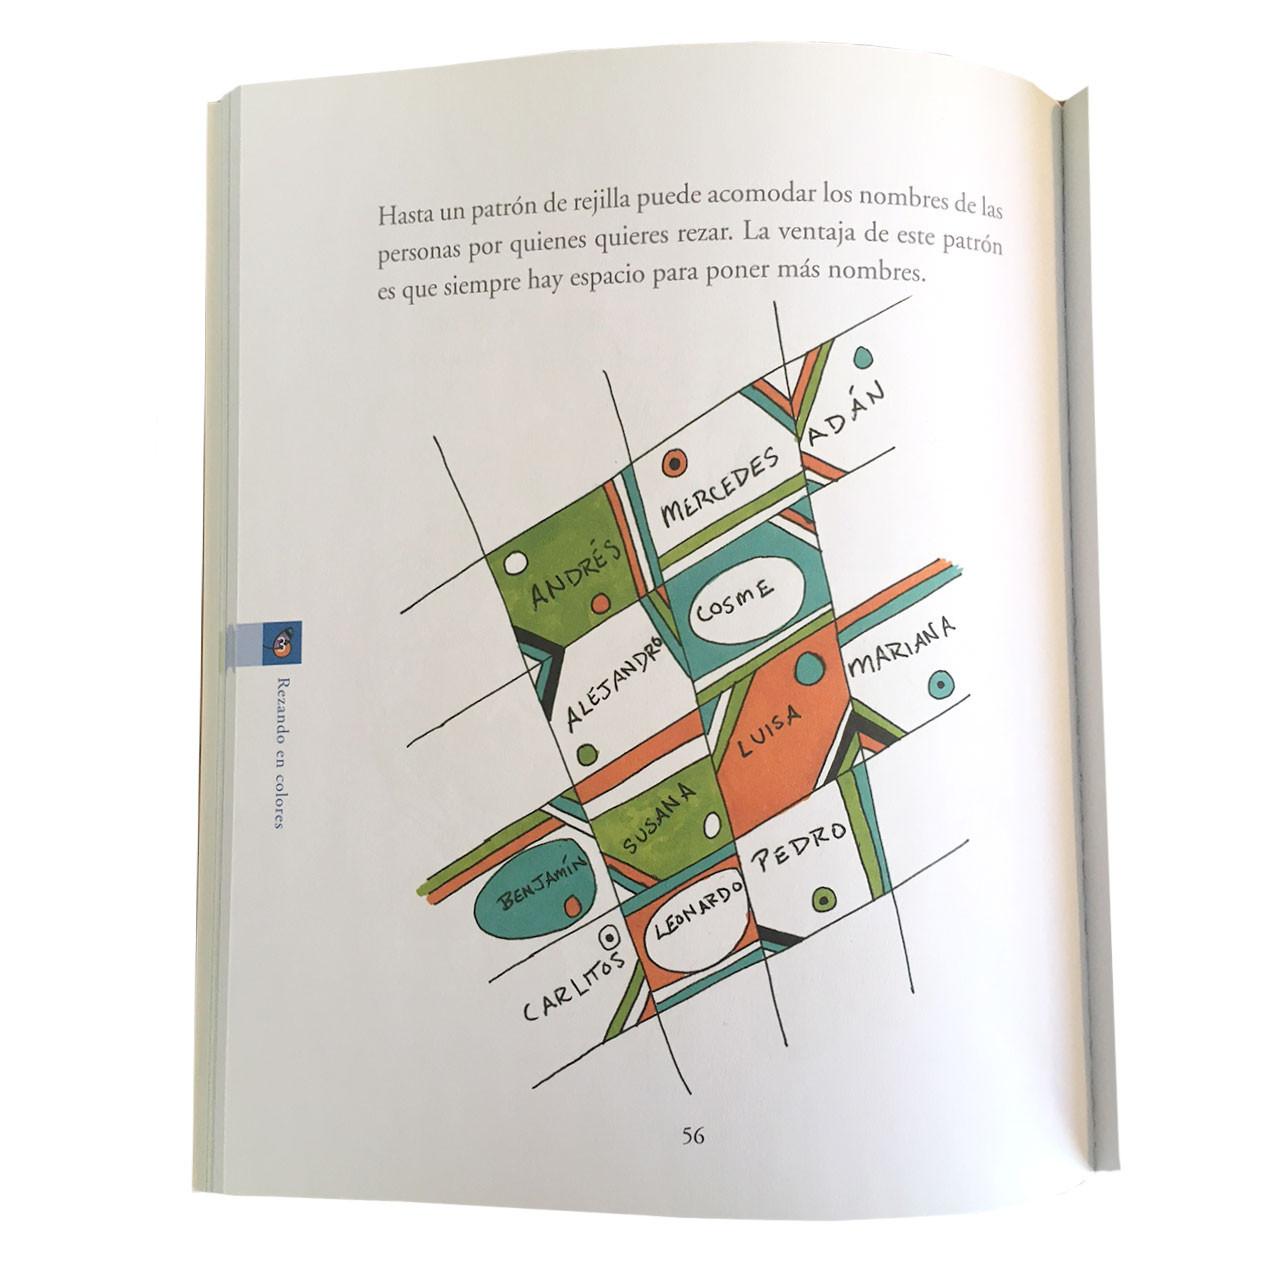 Inside page of book Rezando En Colores